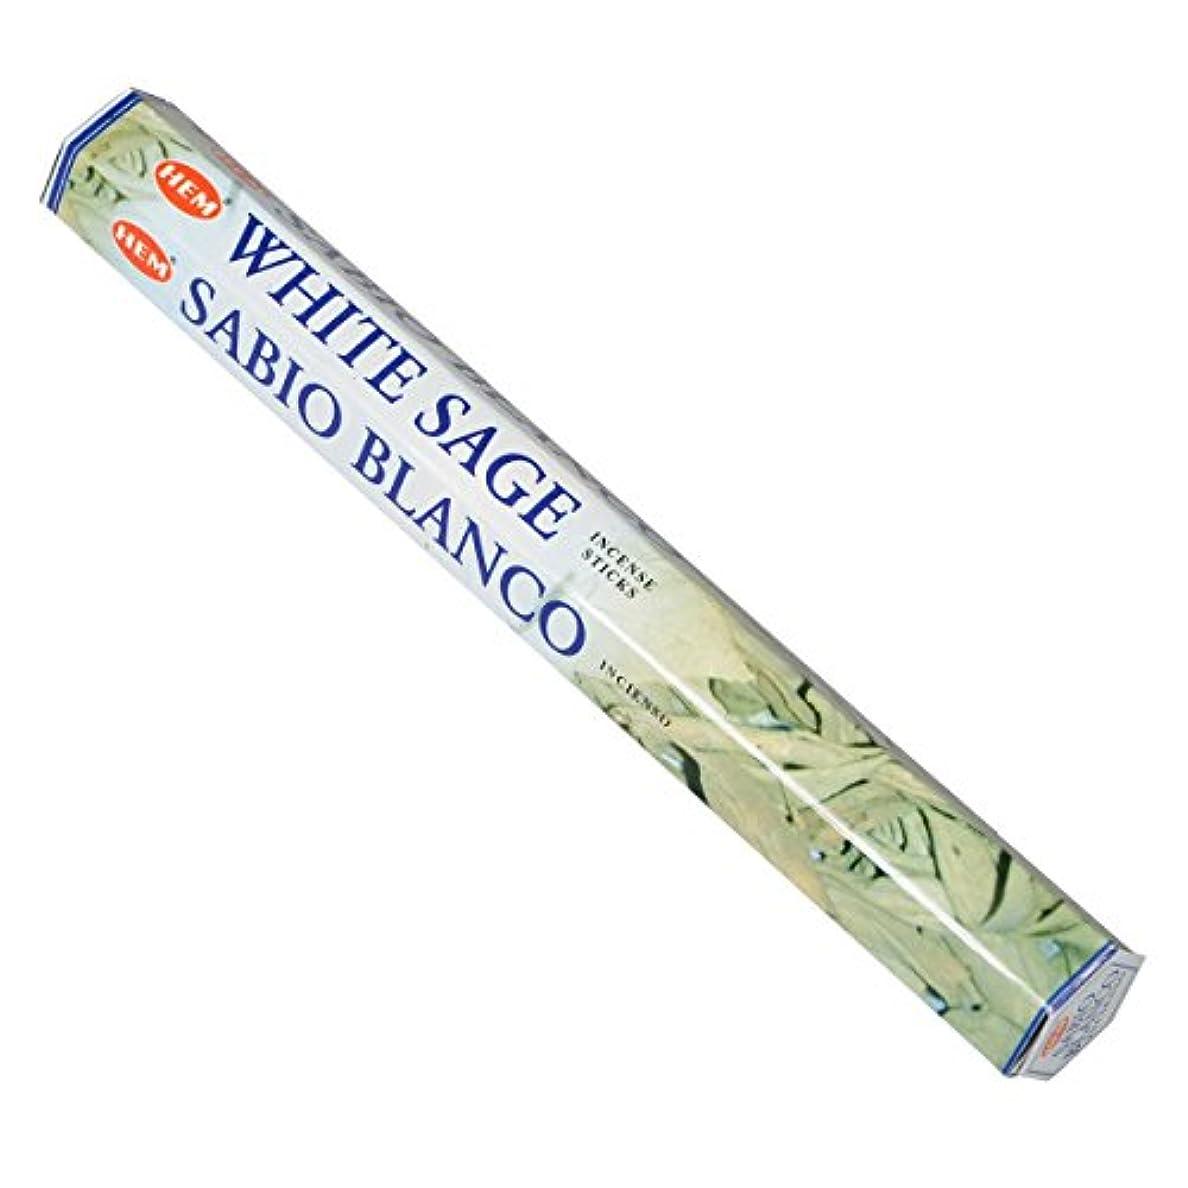 ぬいぐるみマリン幸運なHEM(ヘム) ホワイト セージ WHITE SAGE スティックタイプ お香 1筒 単品 [並行輸入品]